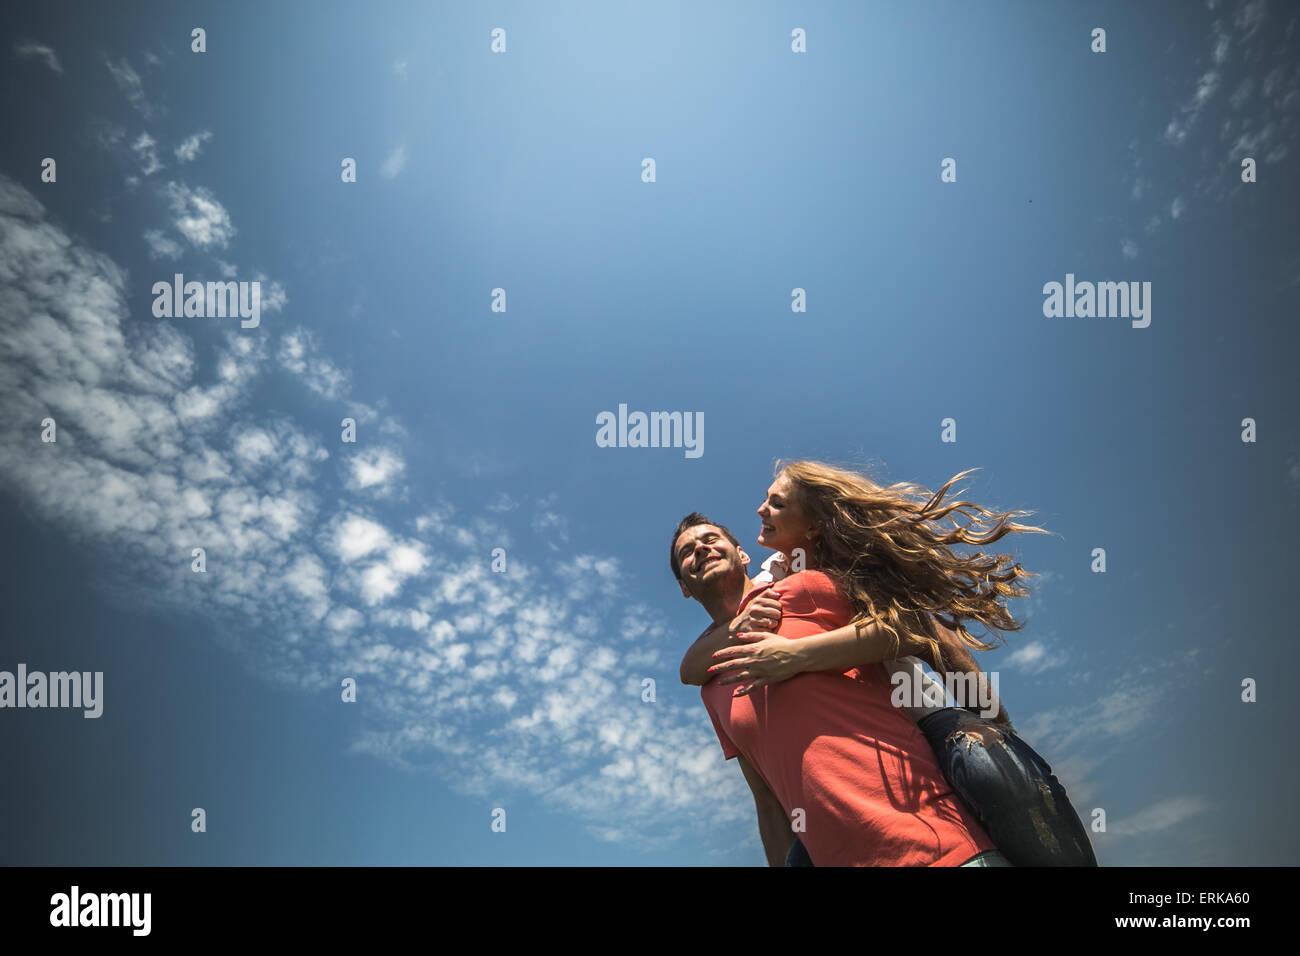 Casal abraços Imagens de Stock